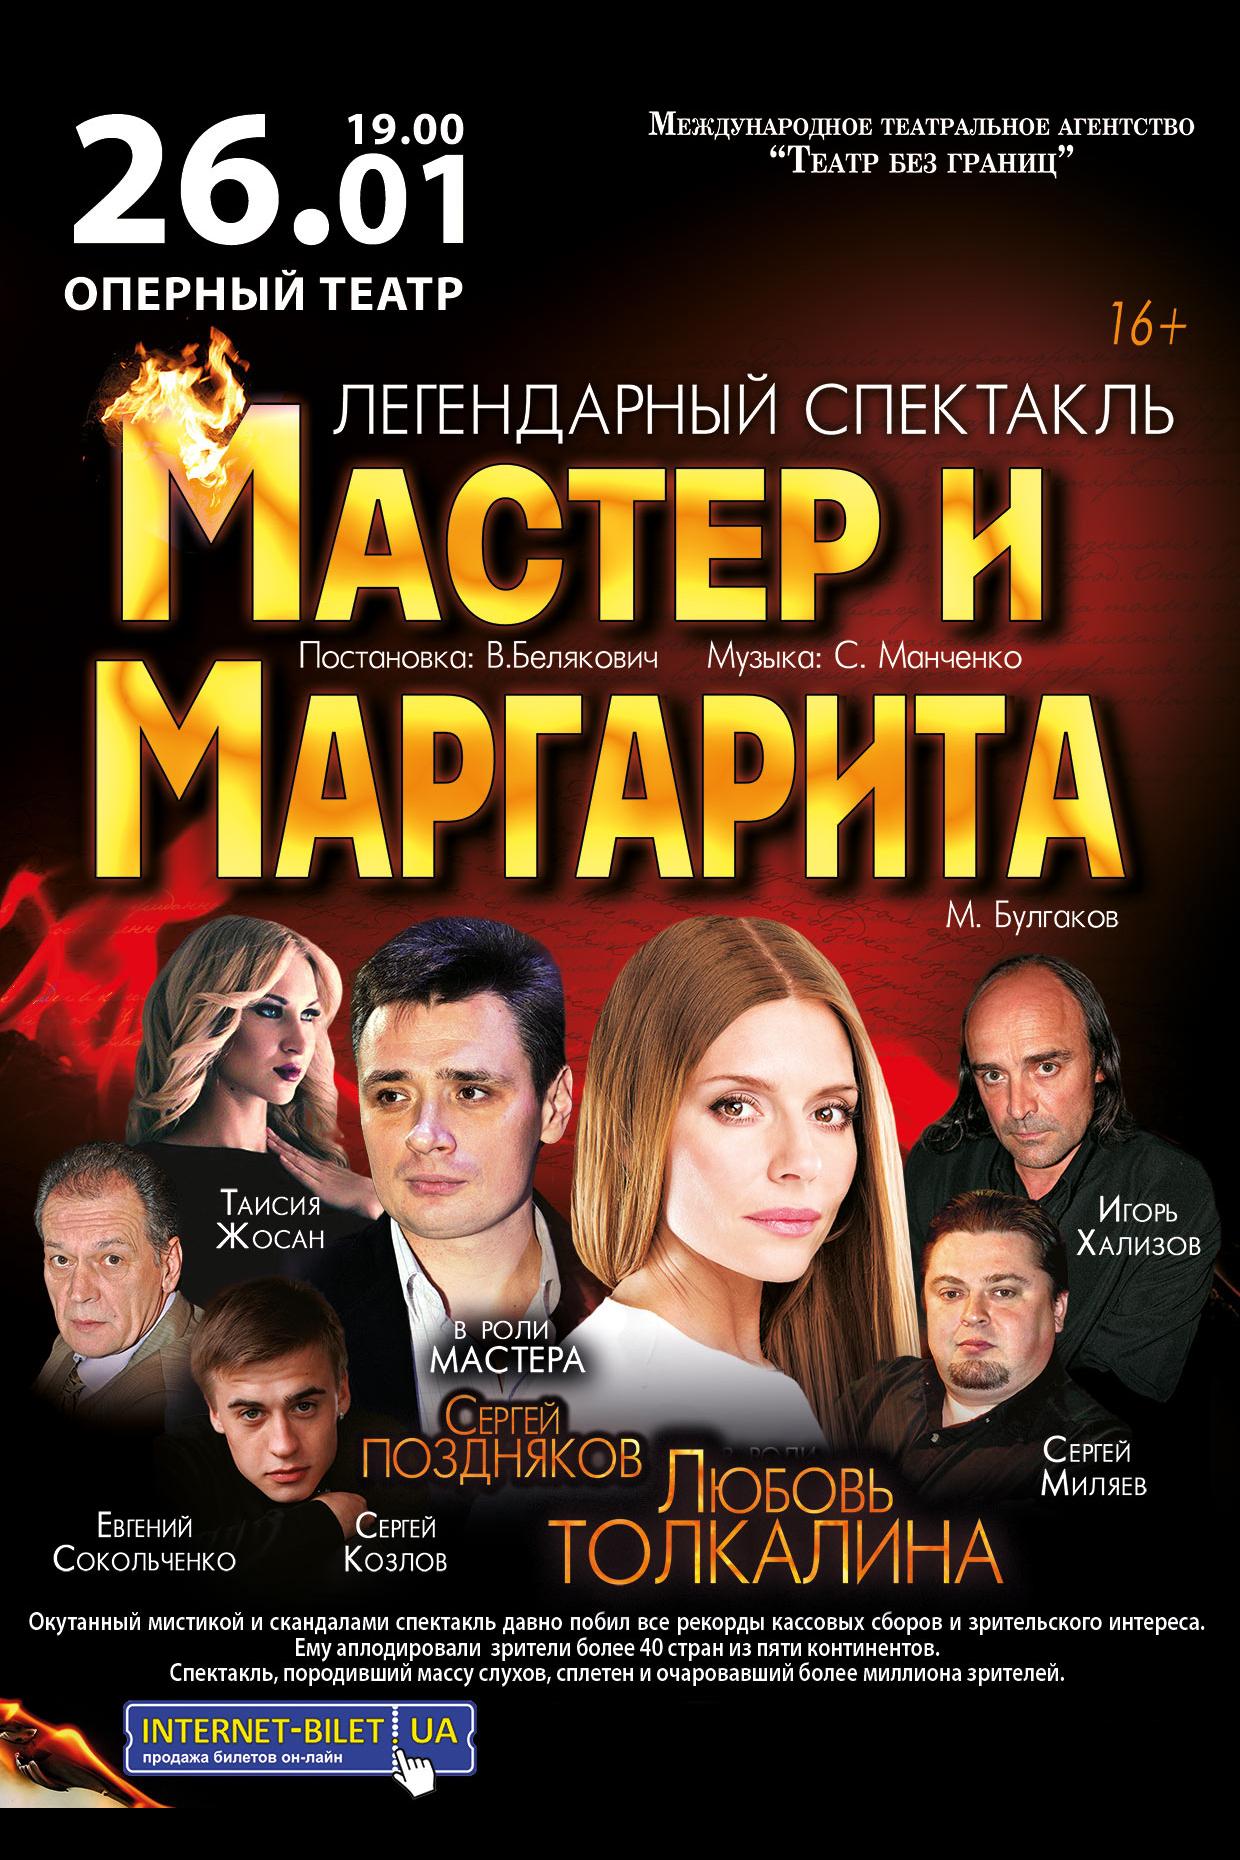 Билеты в театр на мастер и маргарита купить билеты на цирк дю солей официальный сайт купить билет